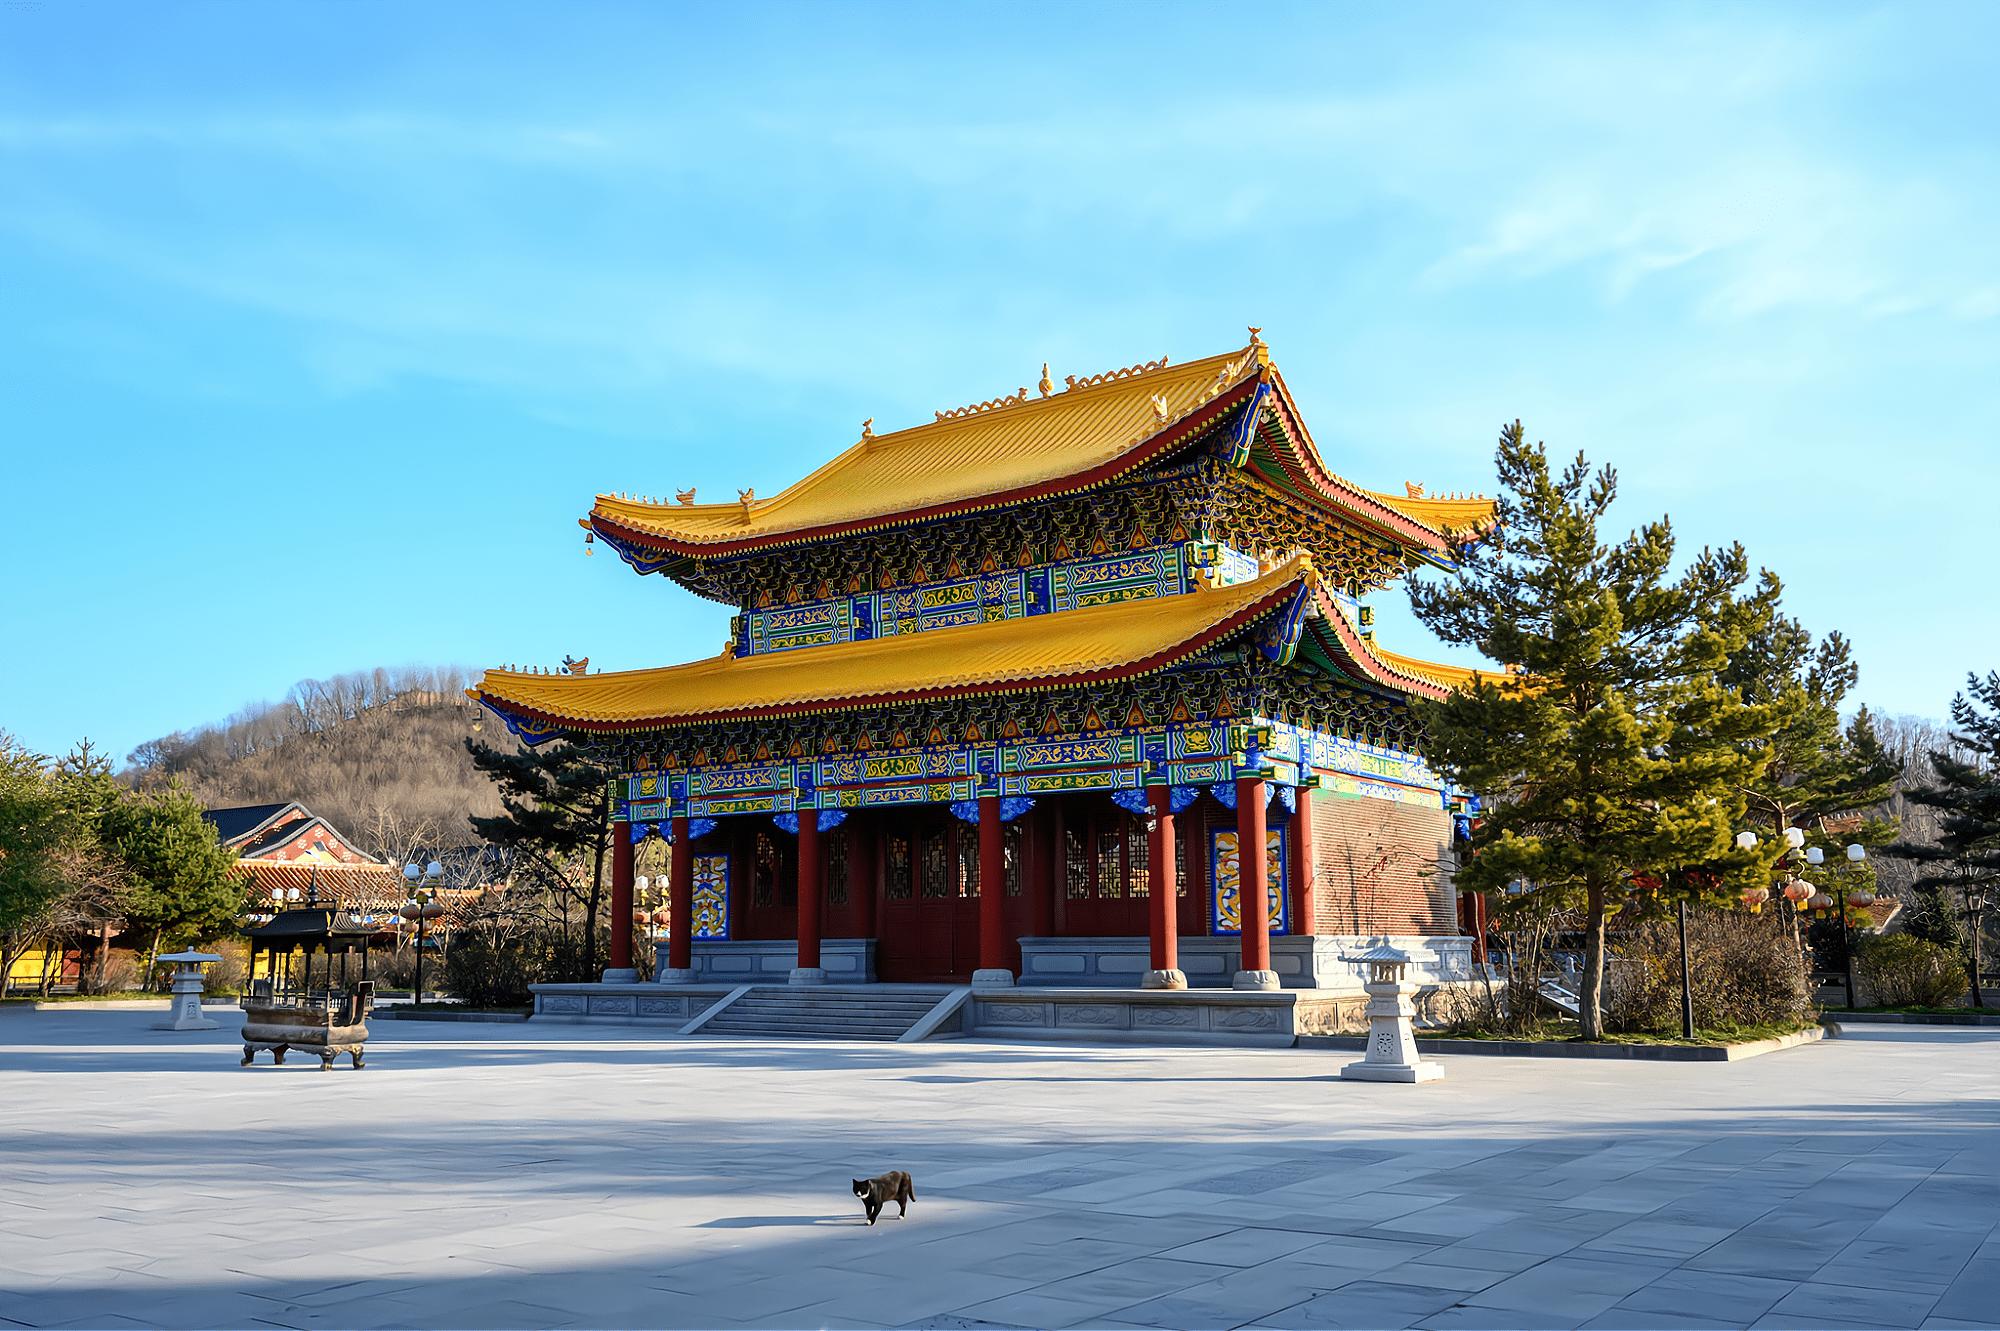 原创             敦化正觉寺,少有人知的东北古刹,却是世界上最大的佛教尼众道场